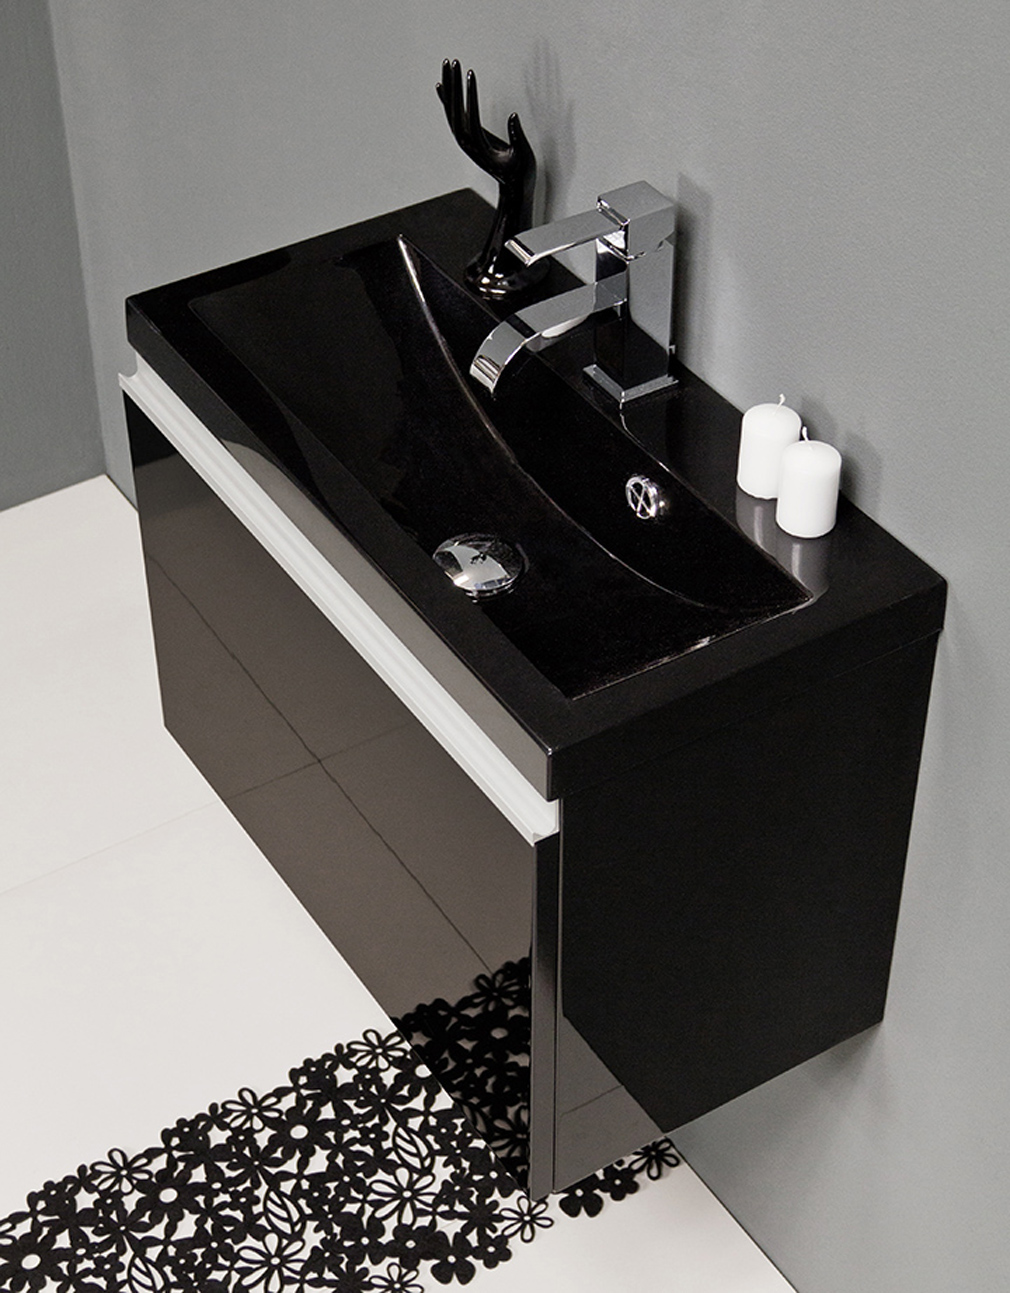 Badmöbel Faros 20 cm, schwarz, Waschbecken schwarz